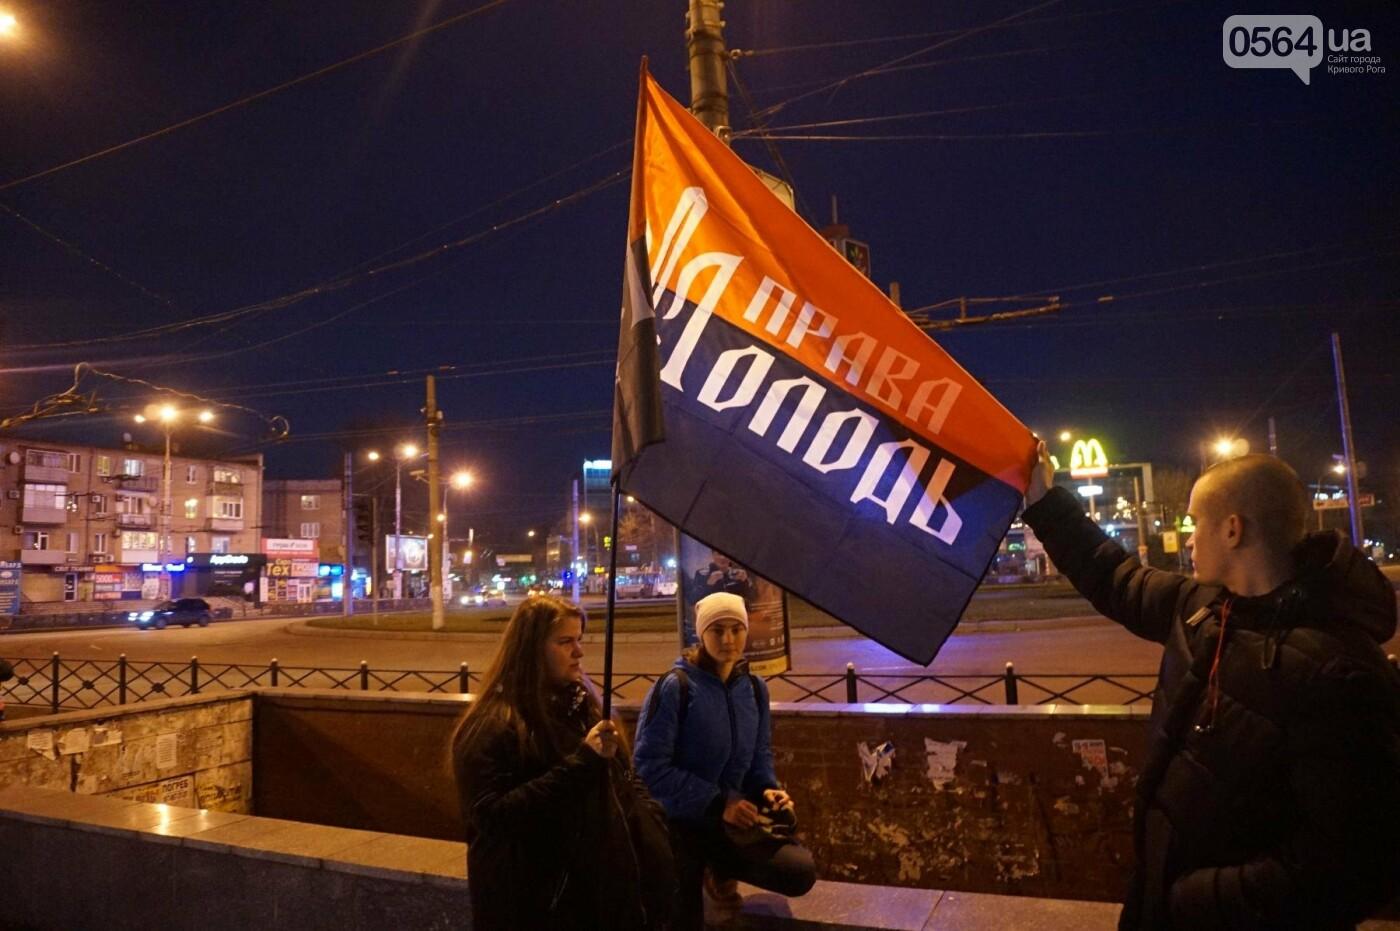 В Кривом Роге проходит Факельный марш в честь Дня рождения Степана Бандеры (ФОТО, ВИДЕО), фото-3